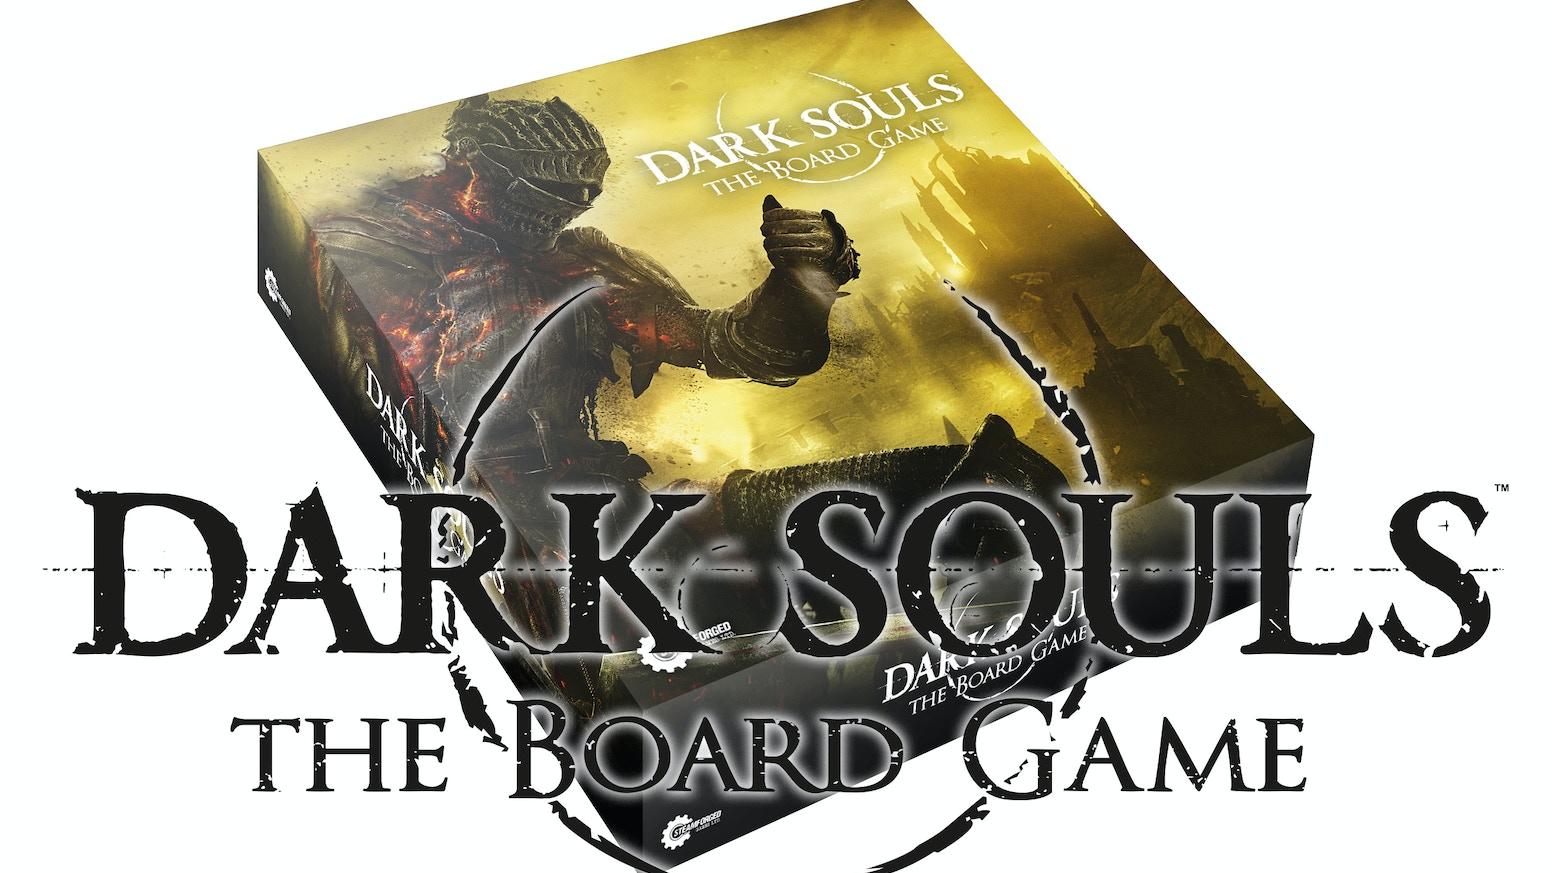 Dark souls 3 [BEWARE: Minor Spoilers] - Games - Turtle Rock